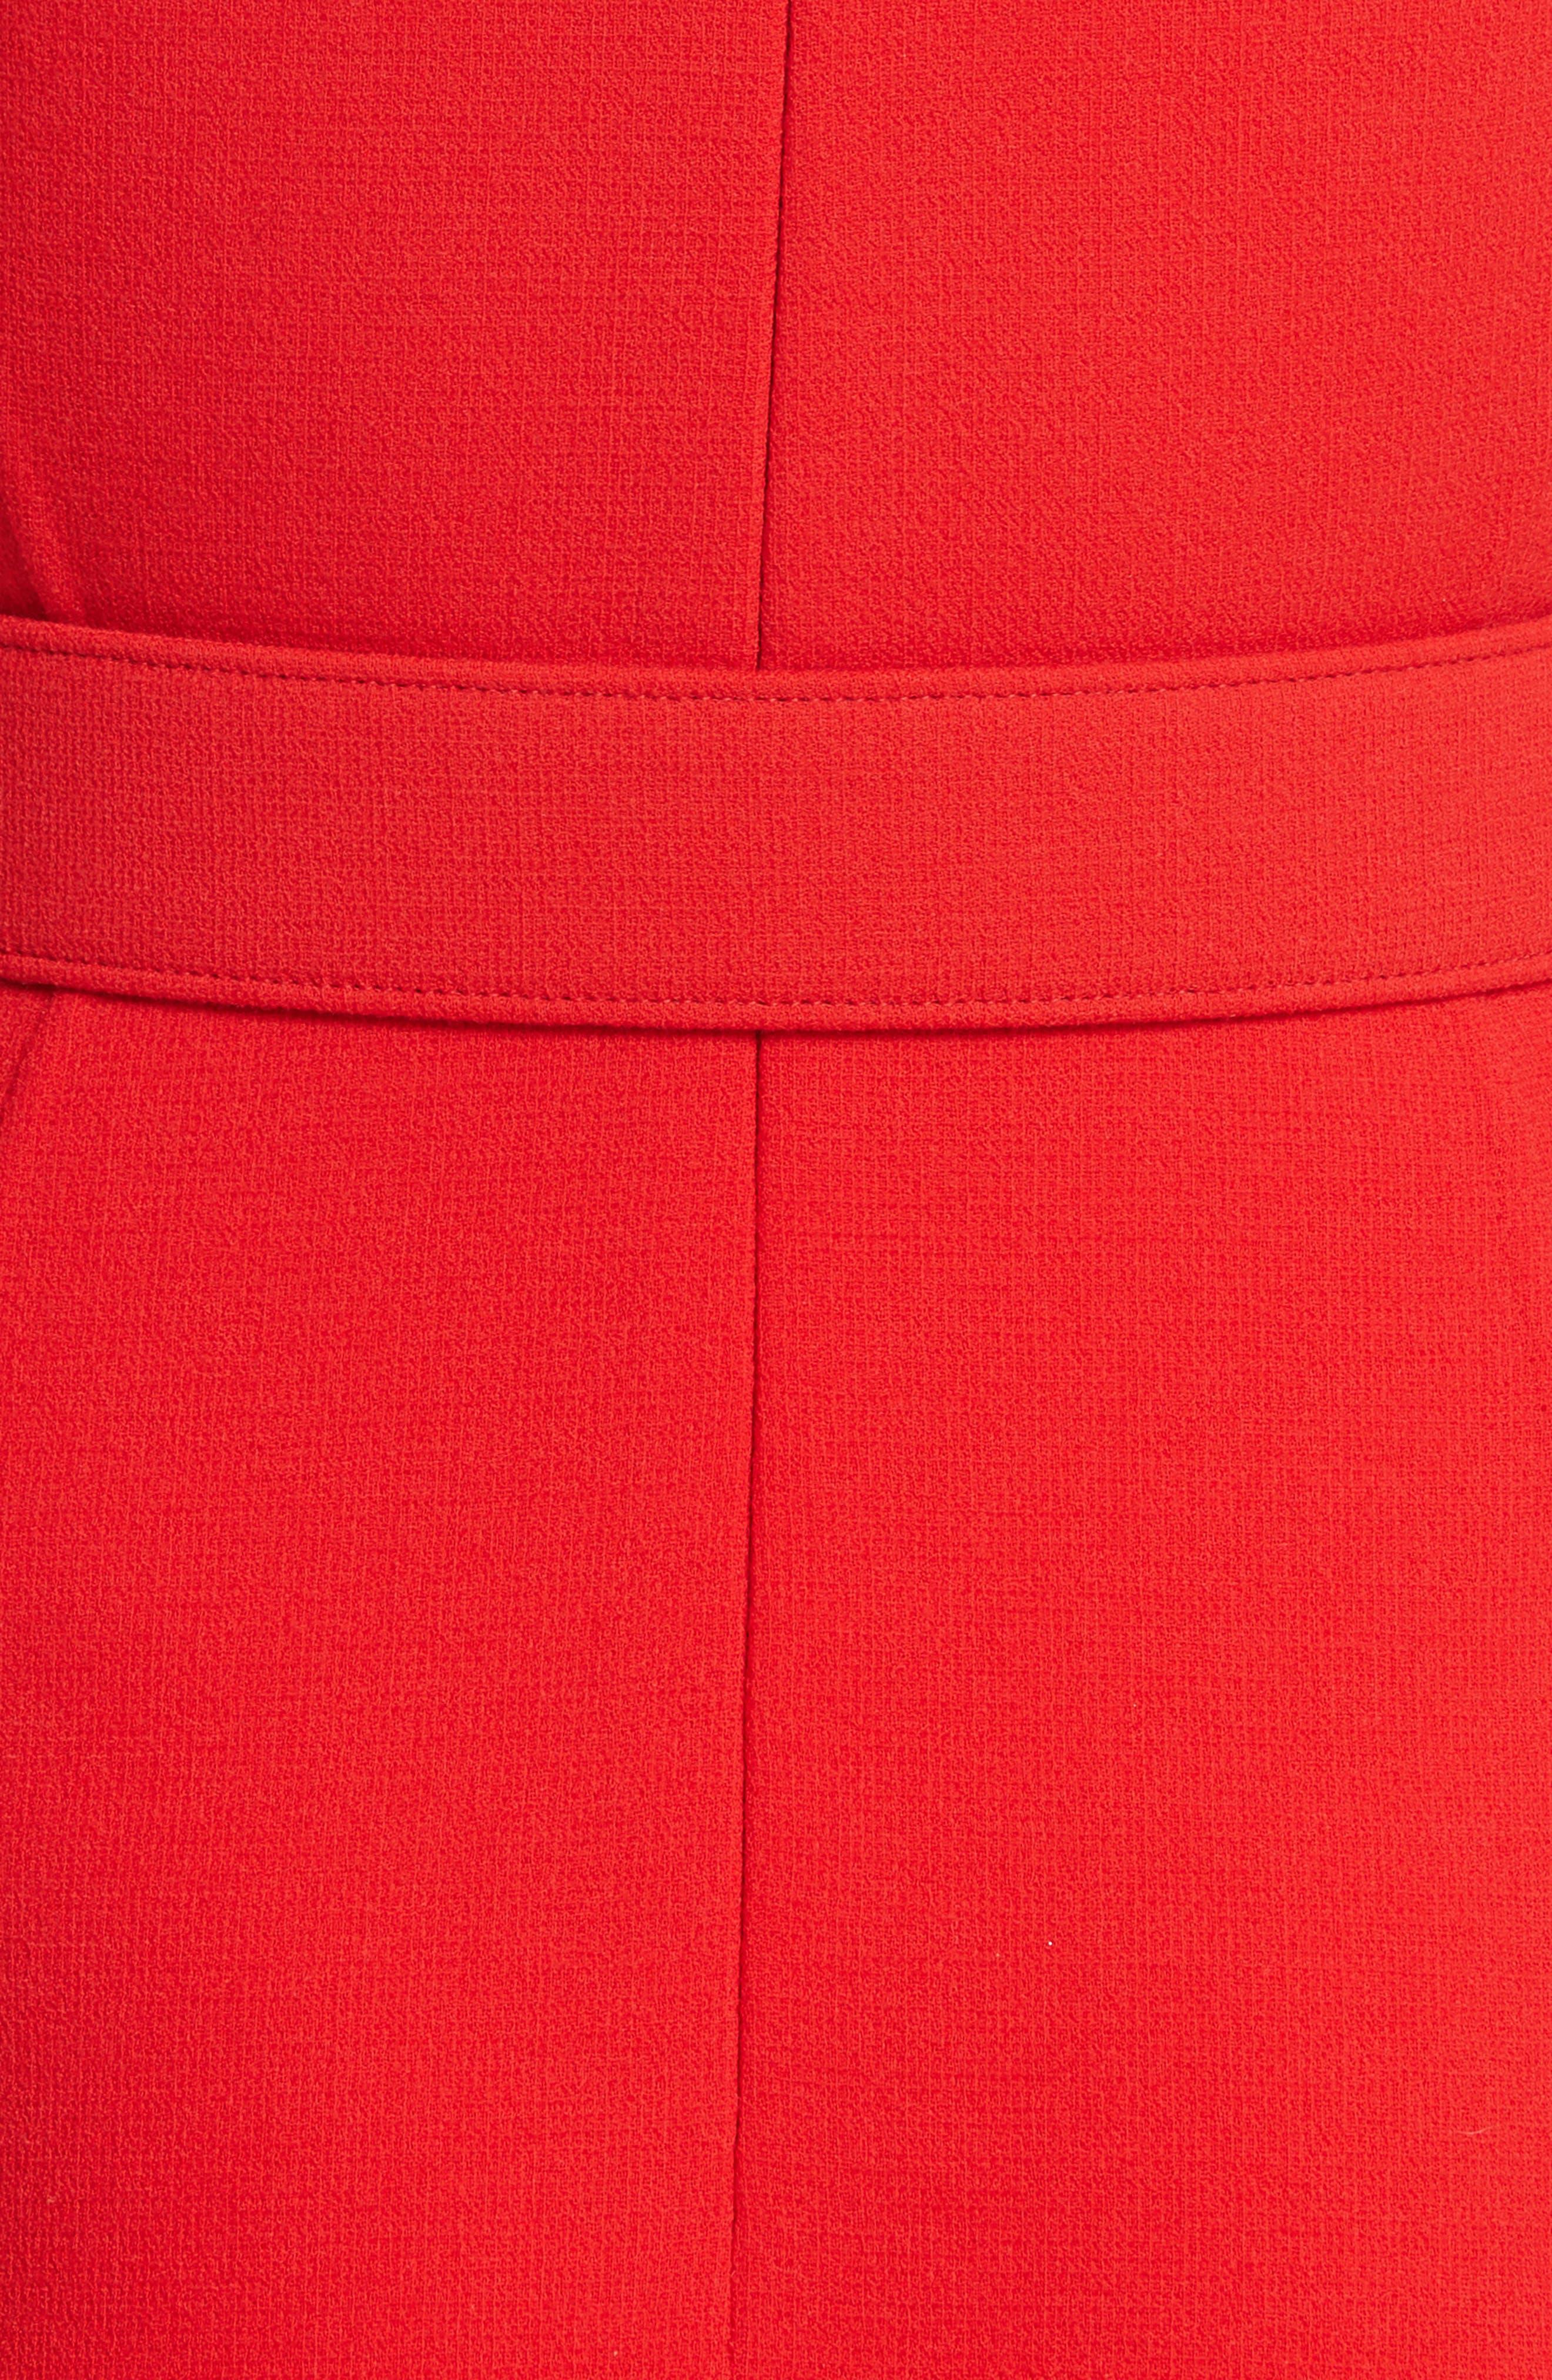 Alternate Image 5  - Oscar de la Renta Crepe Fit & Flare Dress